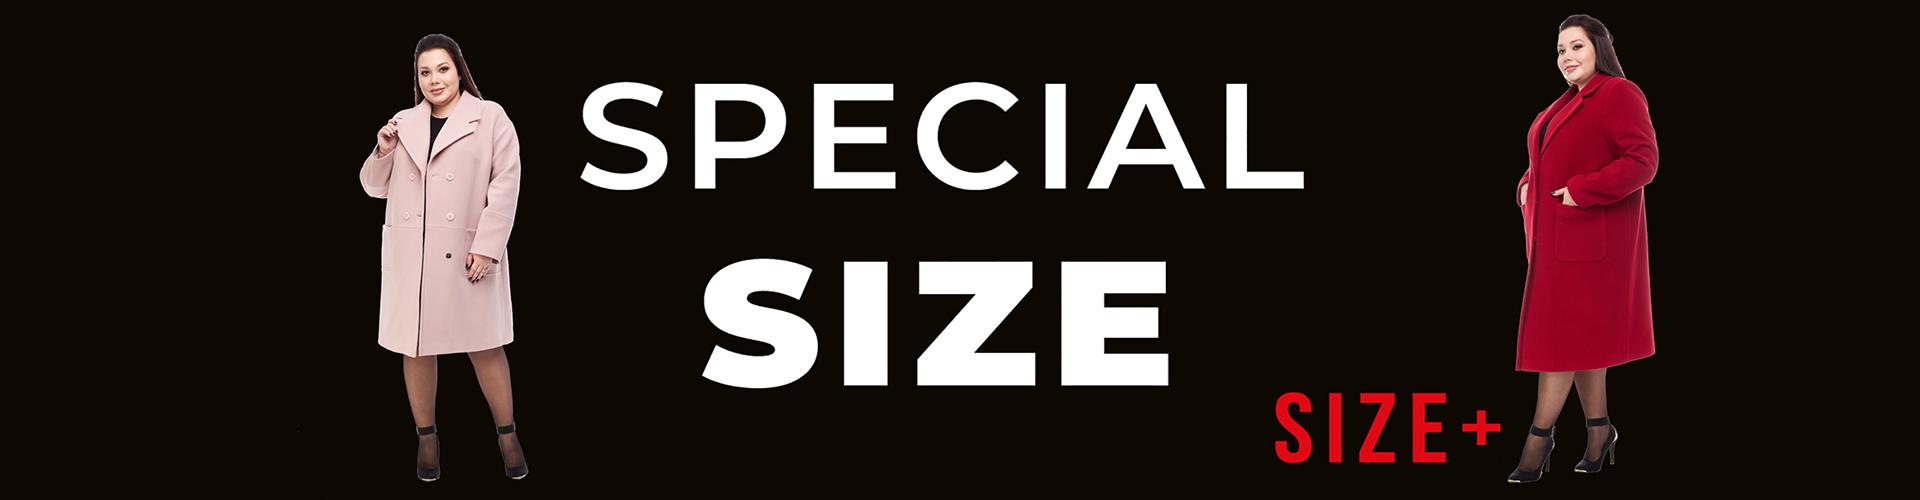 special size 1920x500 Купить верхнюю одежду оптом